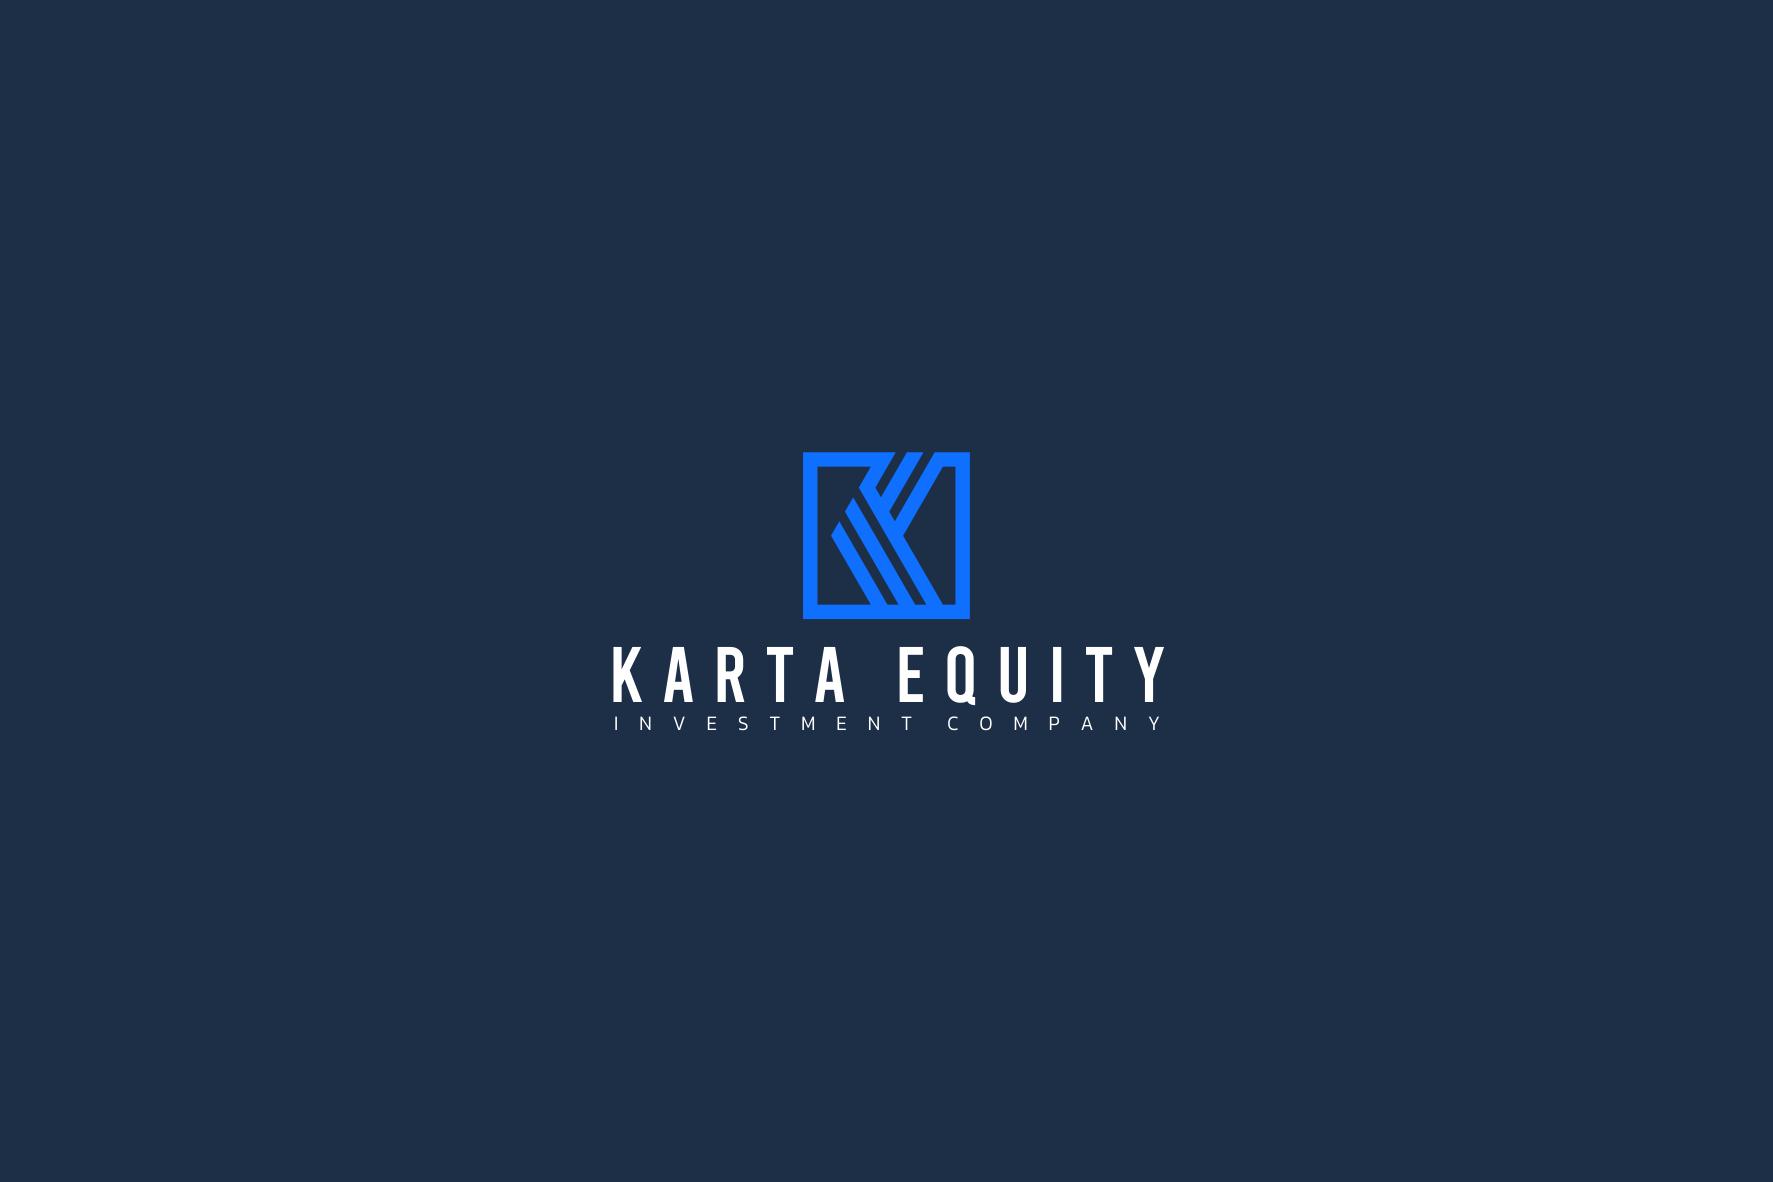 Логотип для компании инвестироваюшей в жилую недвижимость фото f_3265e107c6f513eb.png